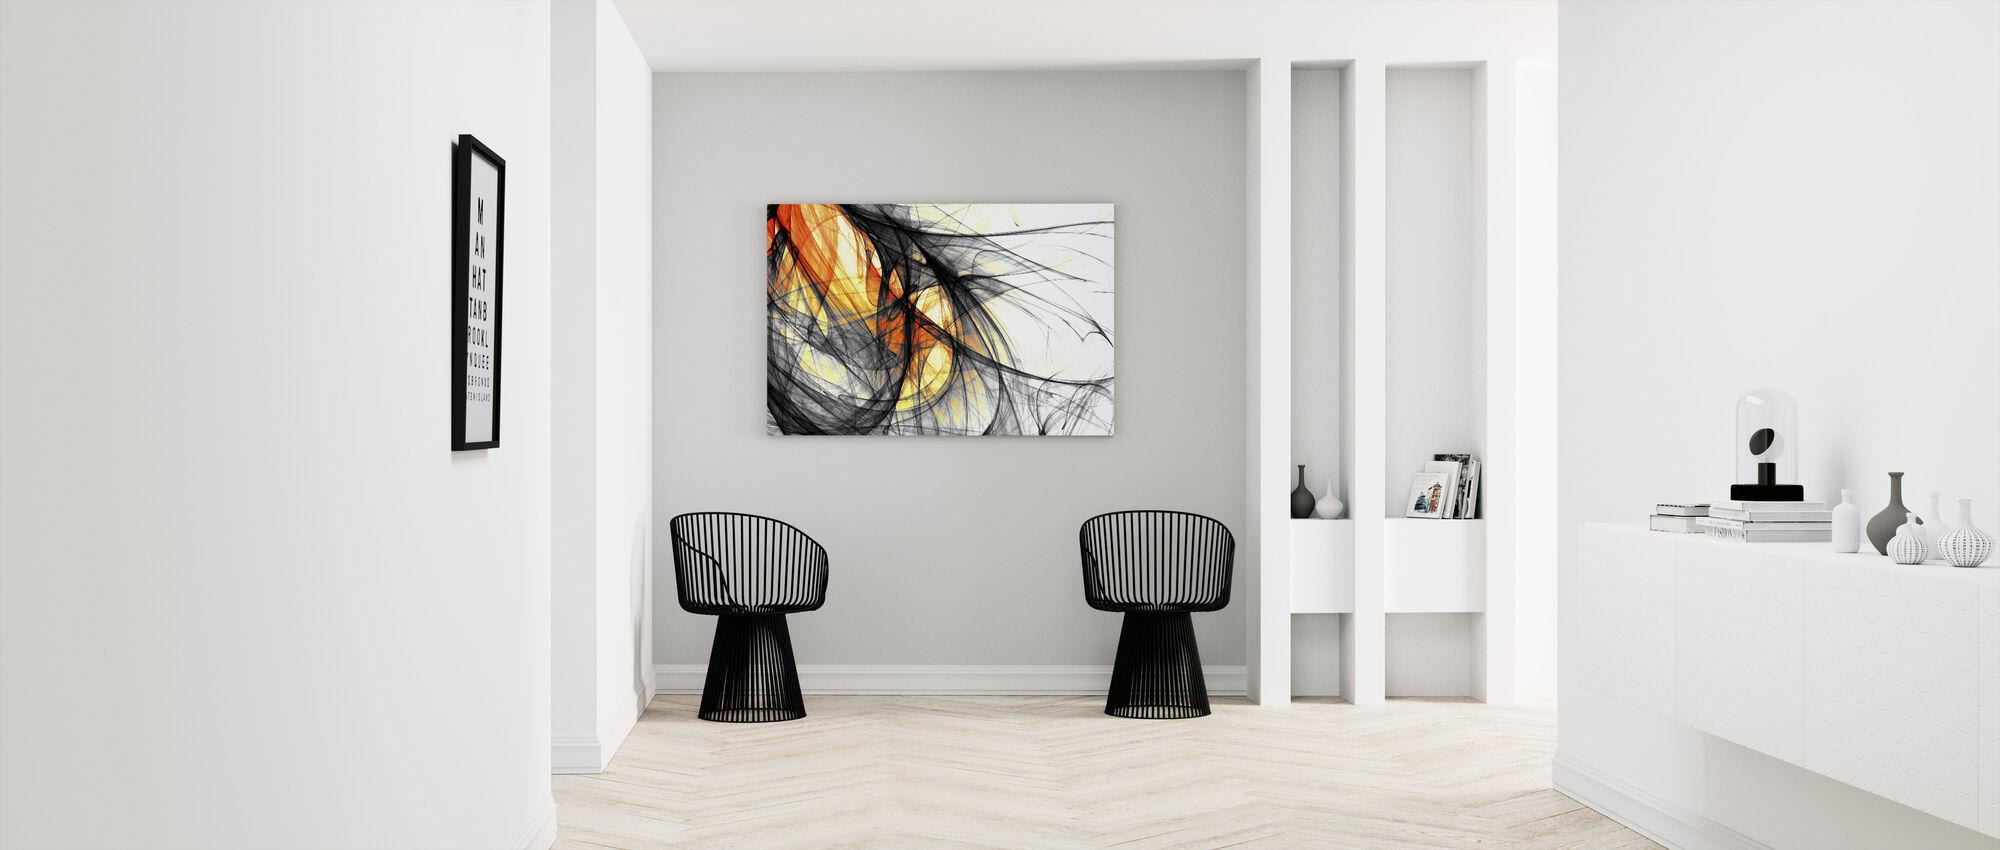 Lumière intérieure - Impression sur toile - Entrée